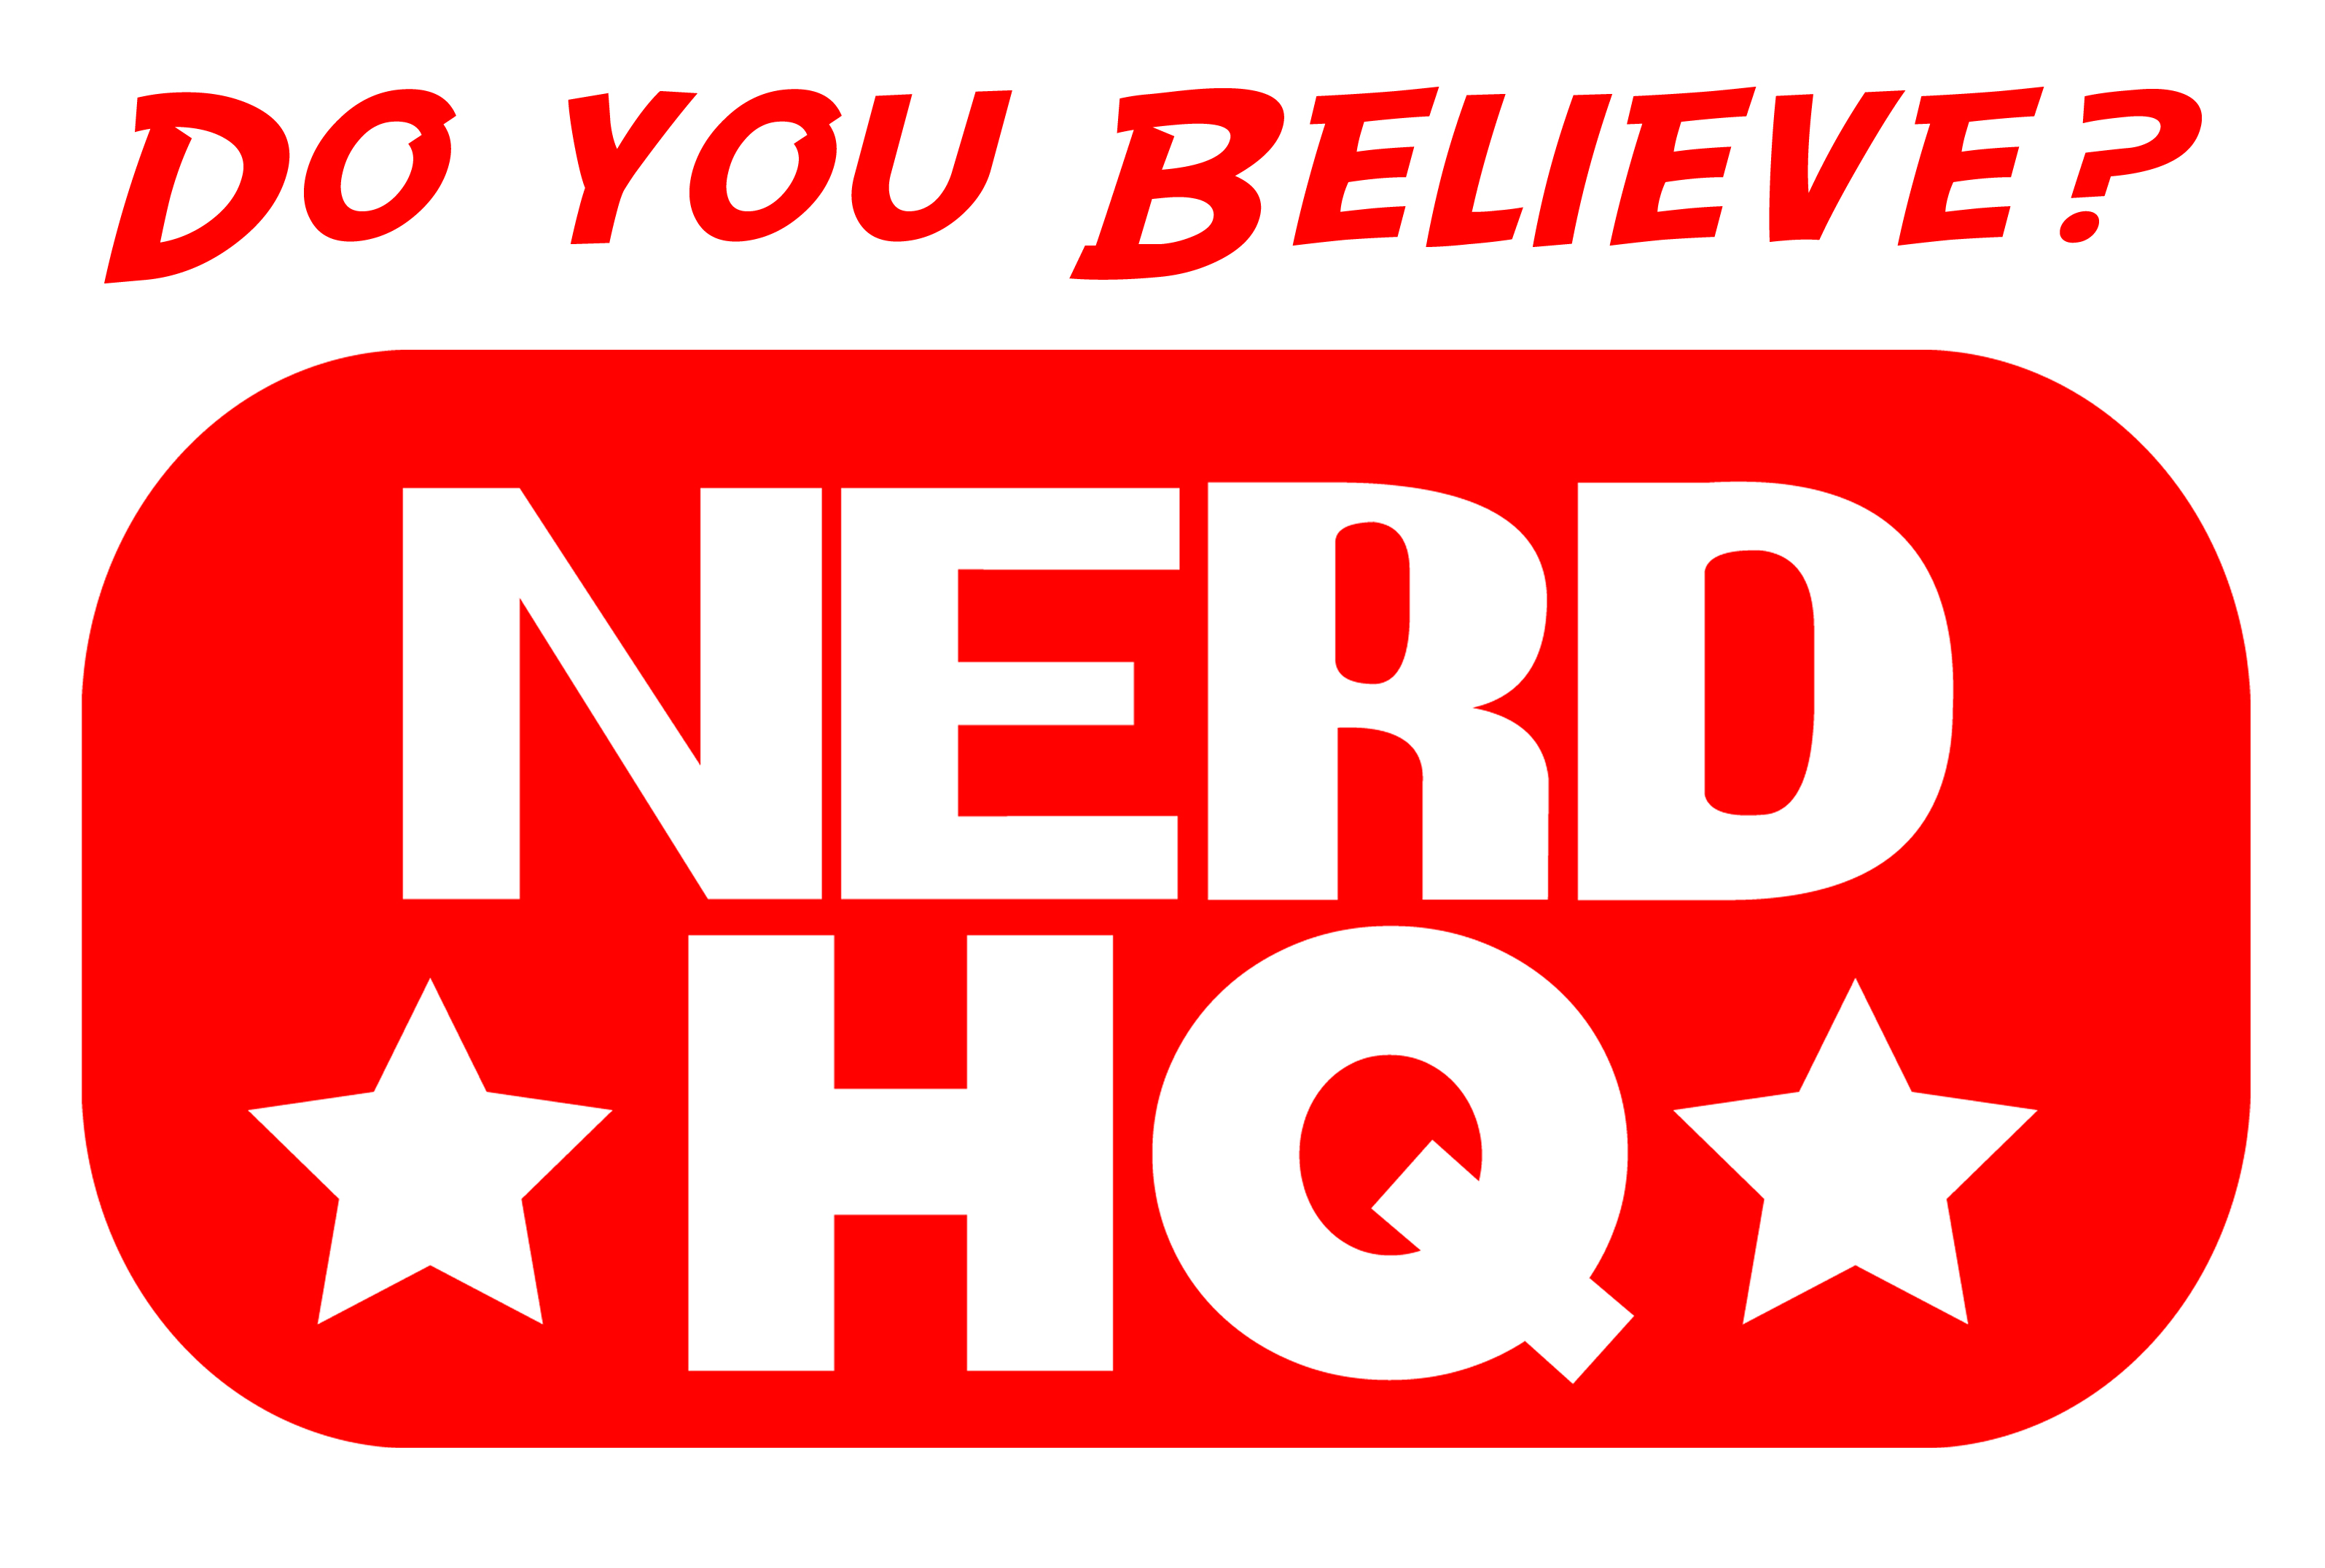 nerd zac levi is a nerd #nerdhqarmy #Iwantmynerdhq